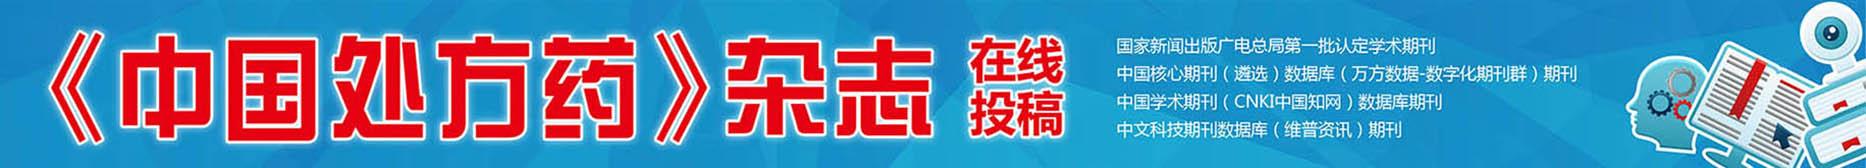 中国处方药在线投稿系统